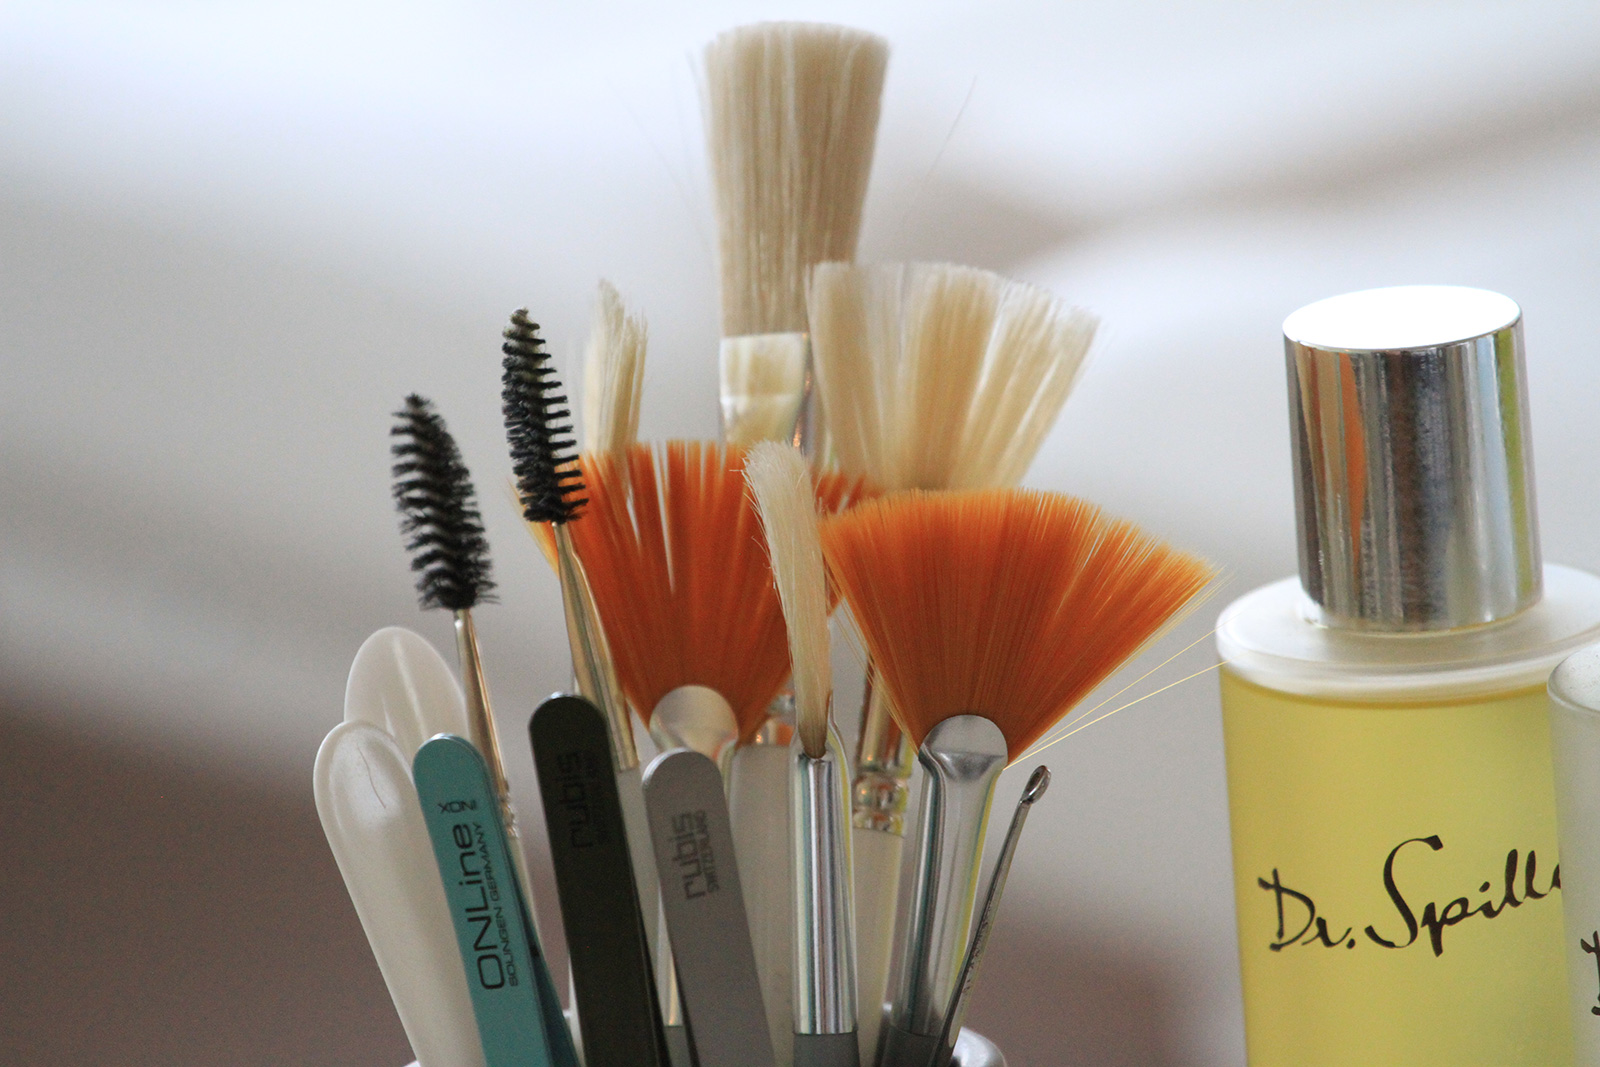 Impressionen aus dem Beau Visage Kosmetik-Studio in Winterthur